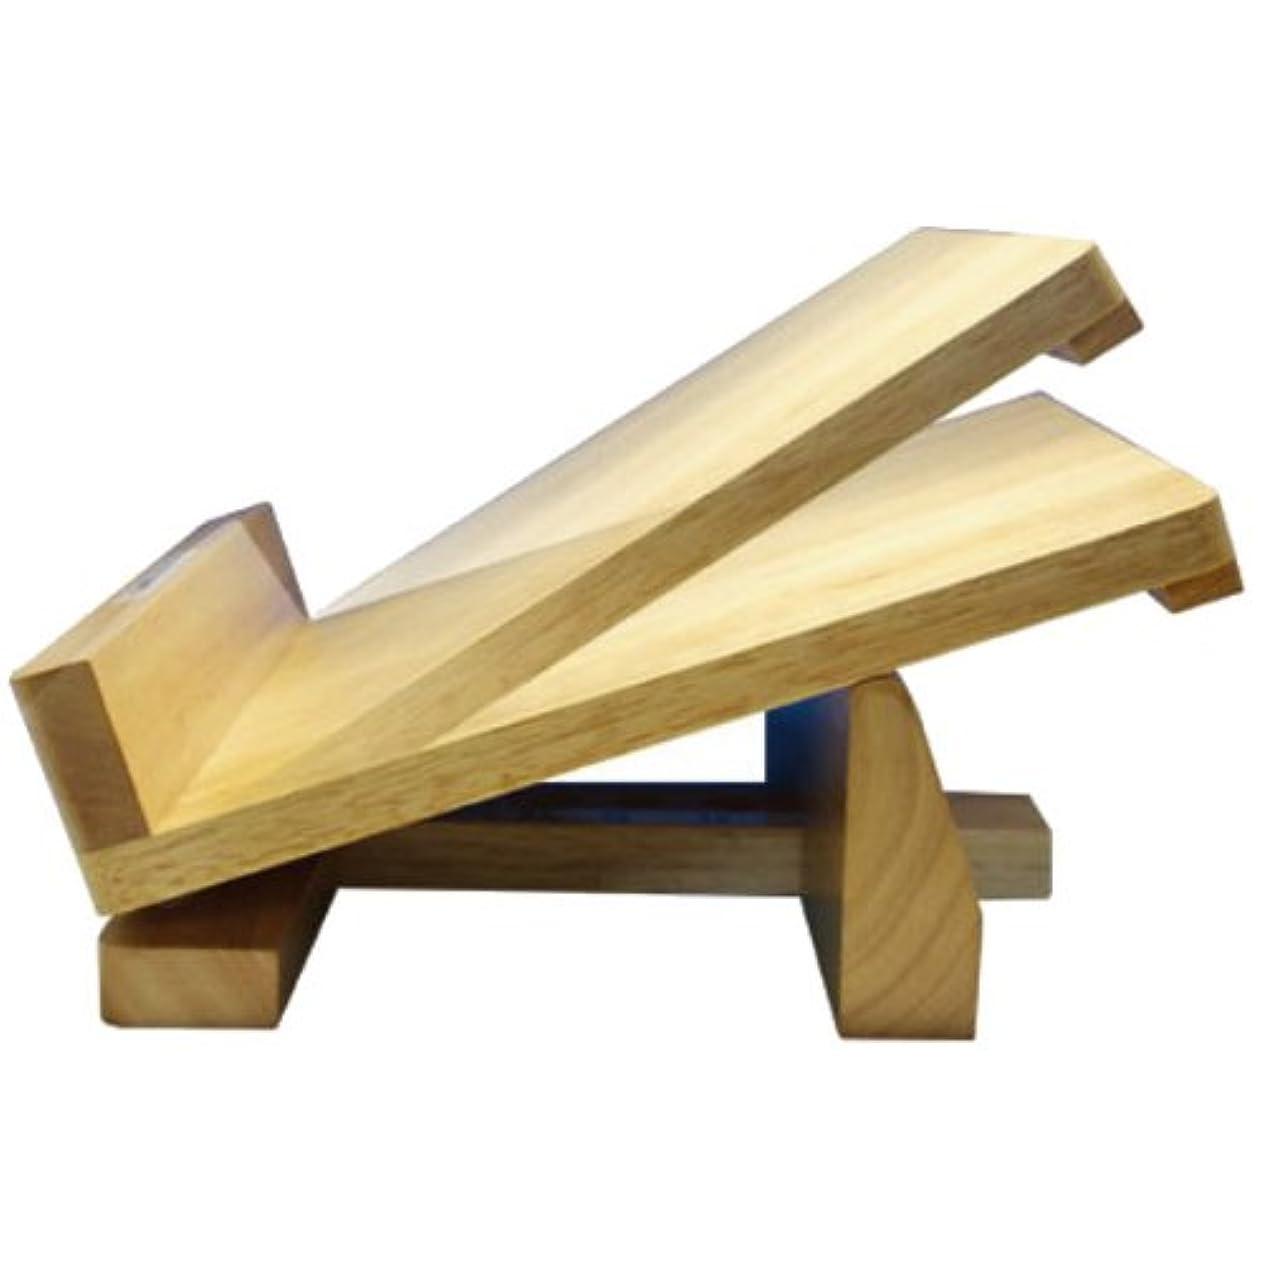 暴君直面する楽観的4段階に調節で無理なくストレッチ『木製ストレッチボード(足首のびのび)』